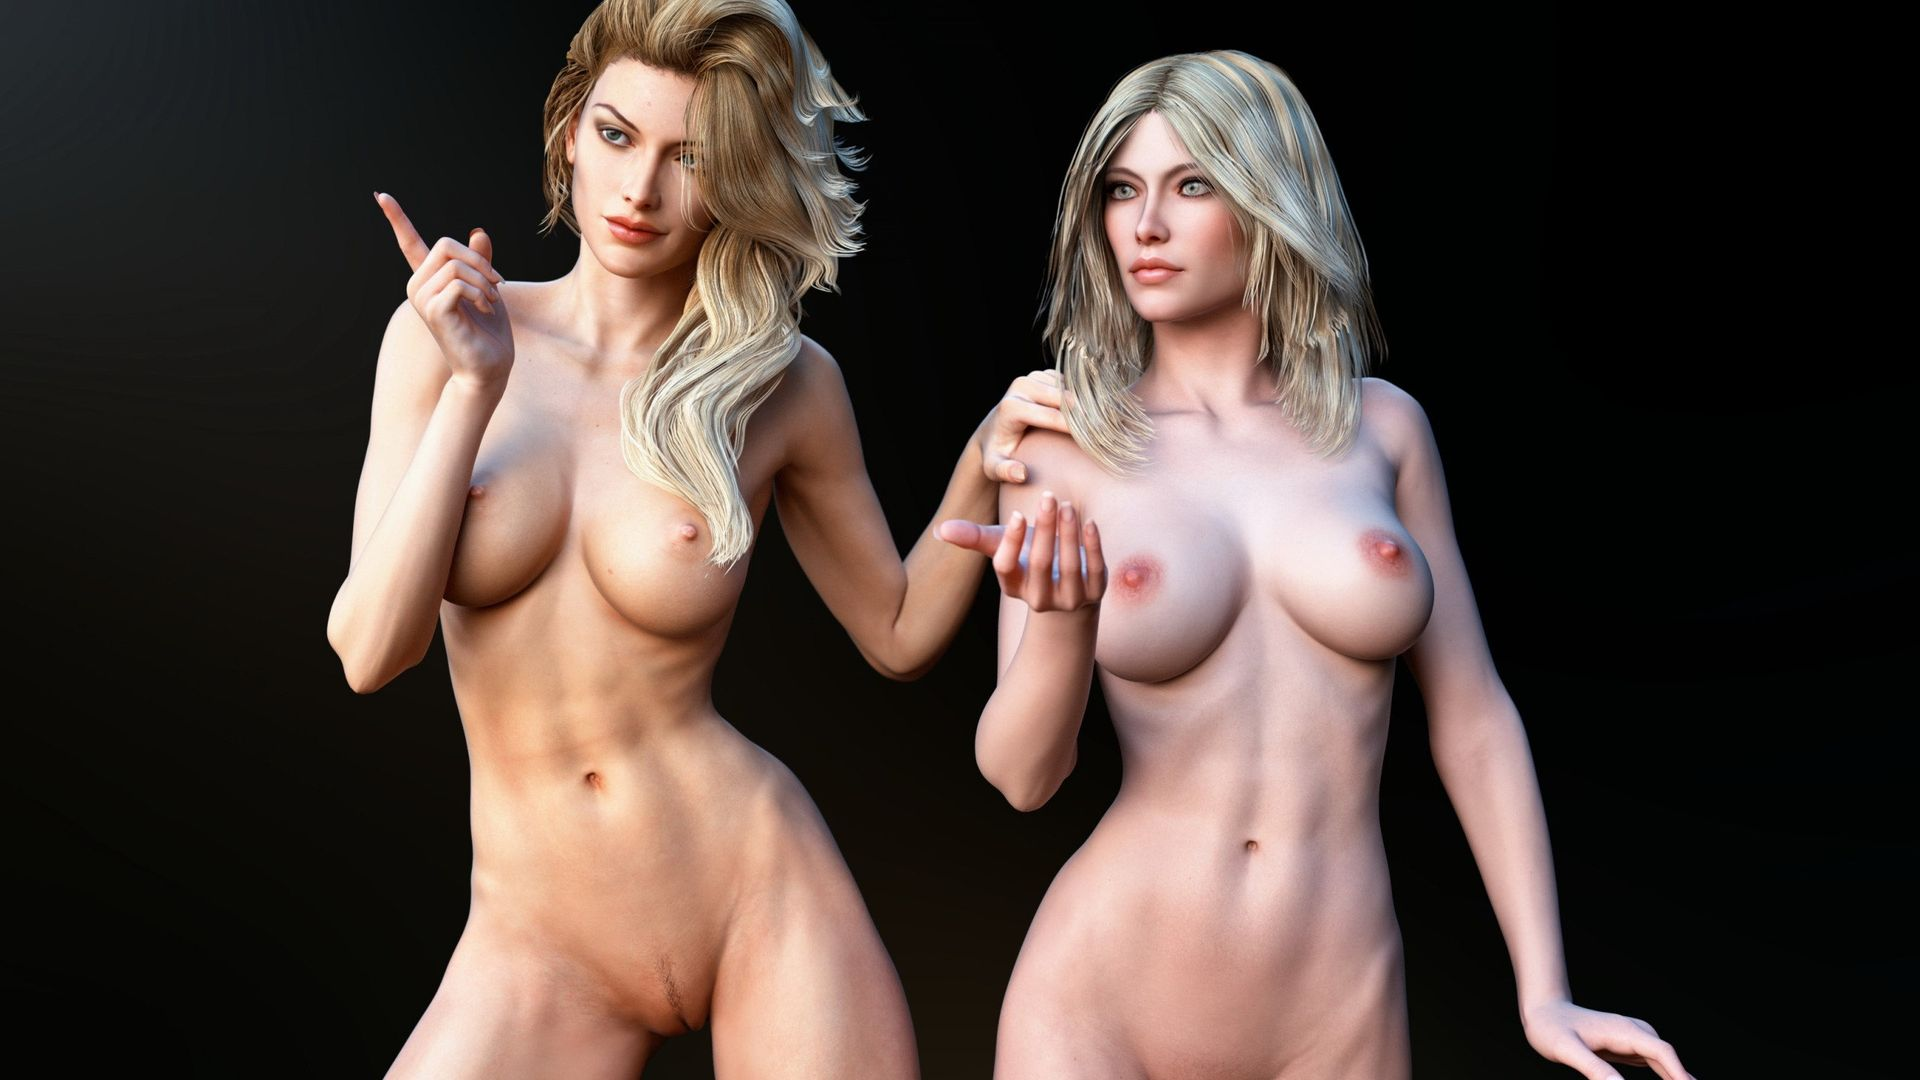 Голые кудрявые девушки фотографии бесплатно